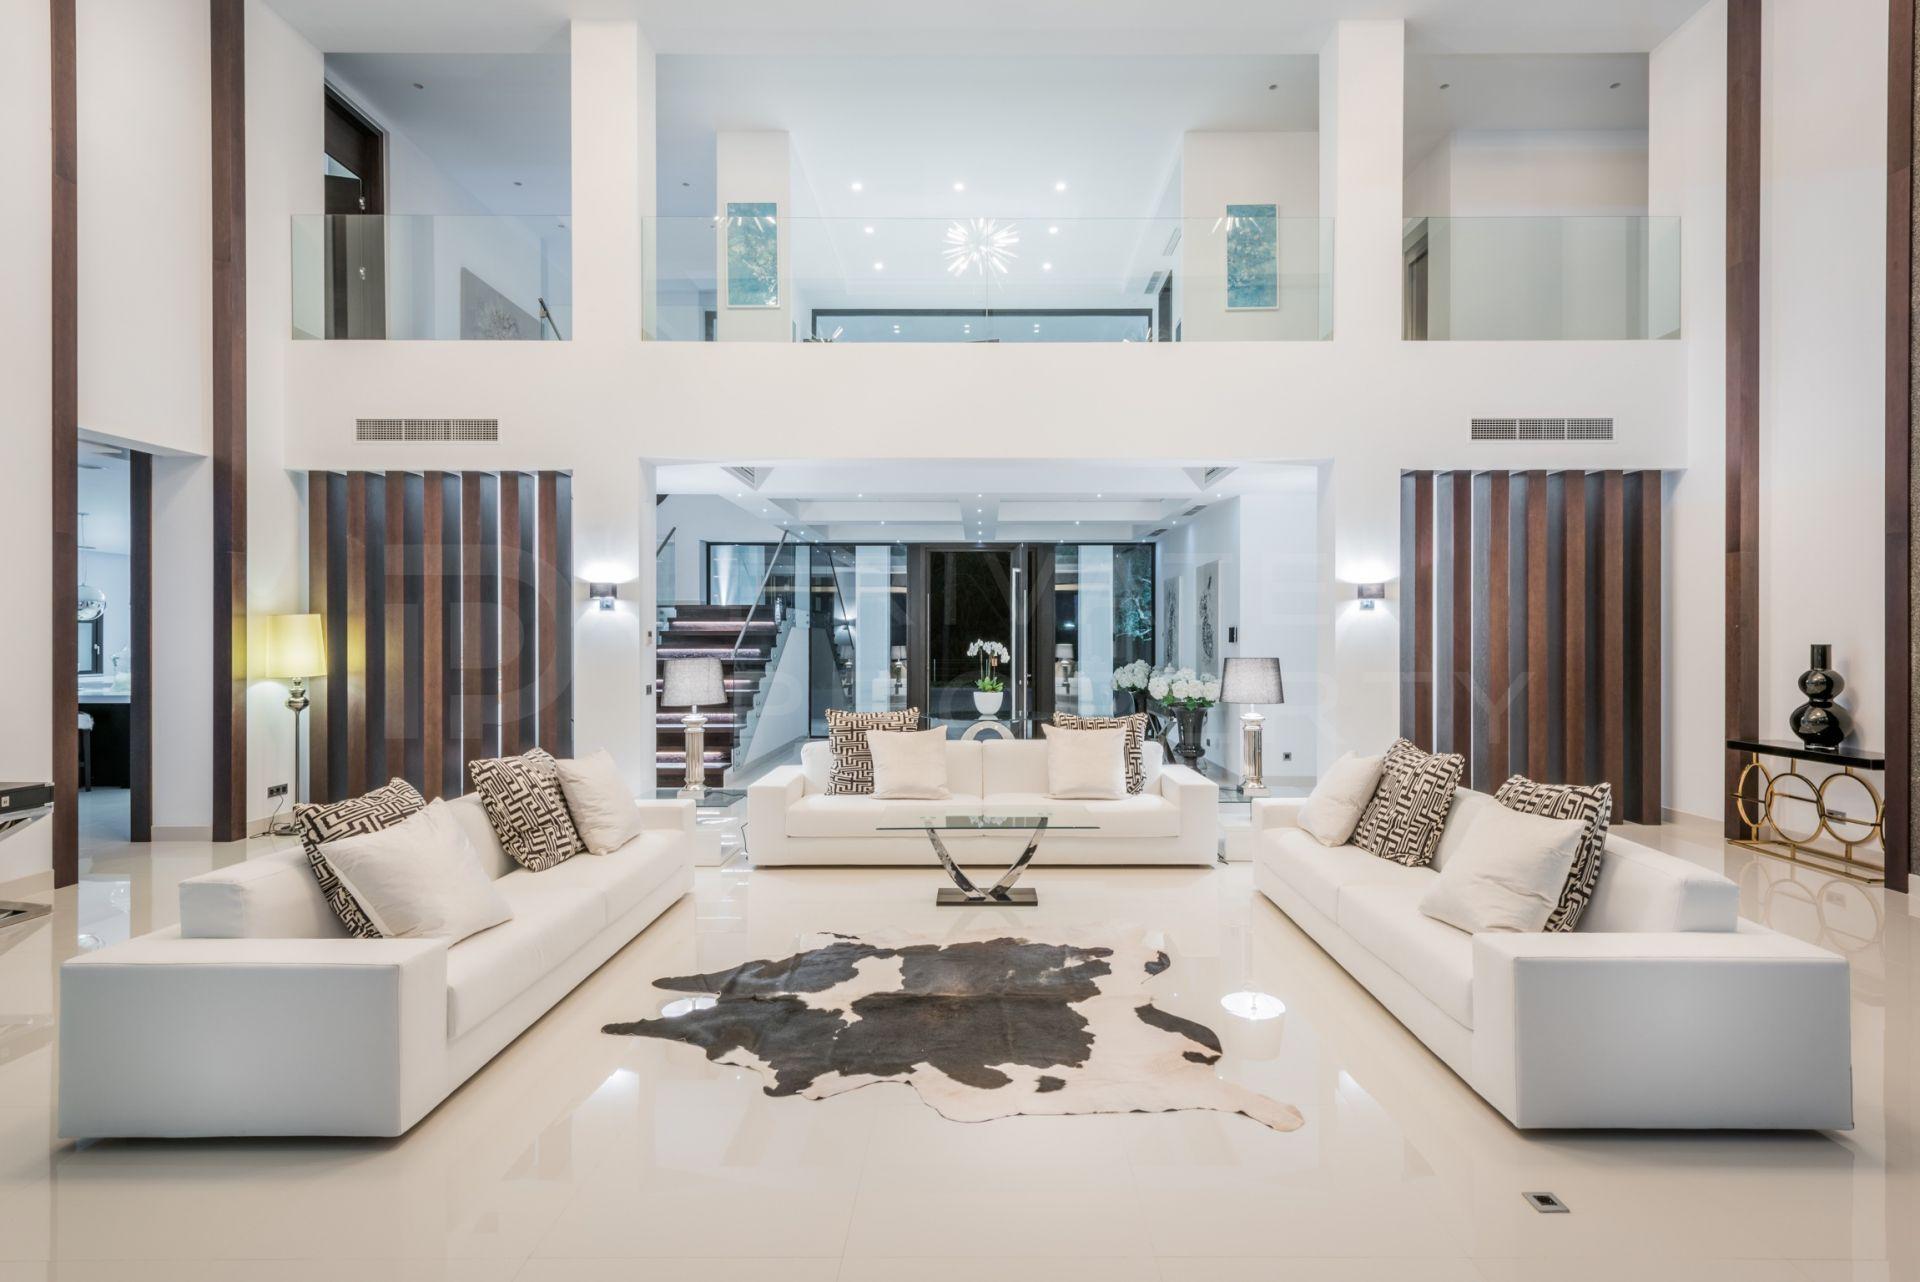 Contemporary living in La Zagaleta